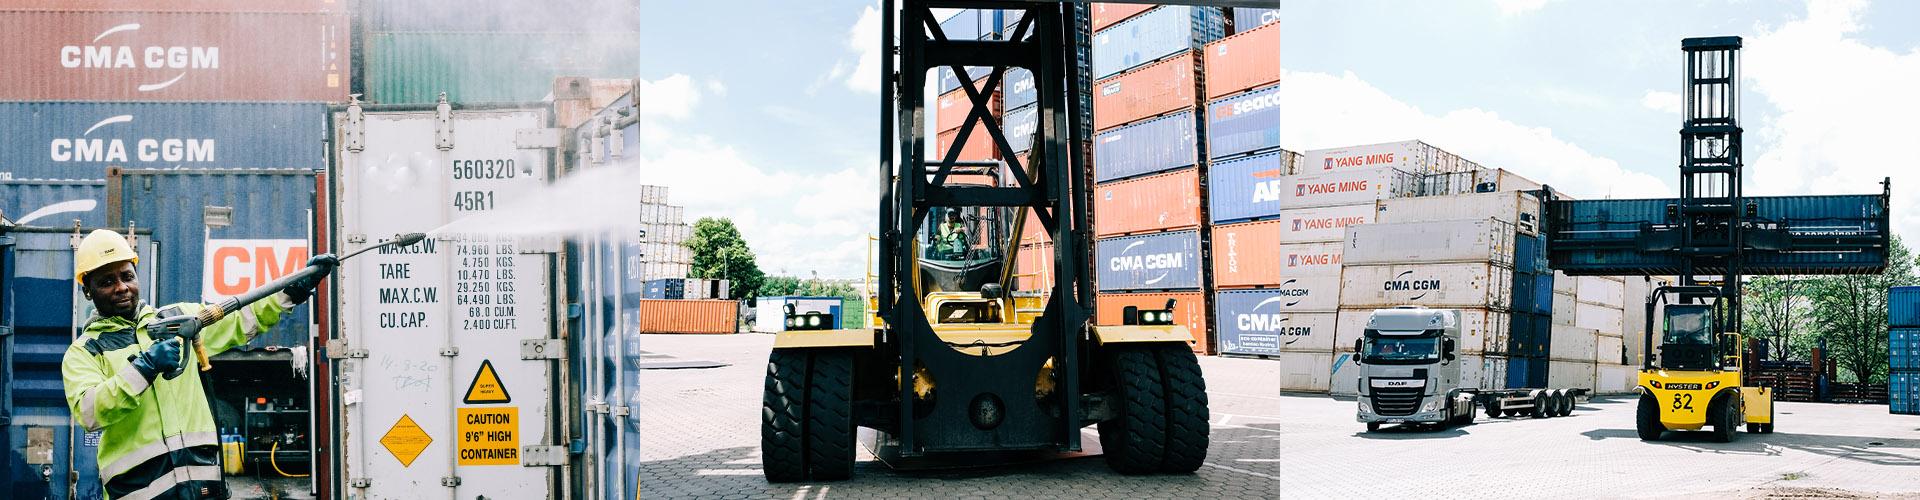 CCIS Services, CCIS, CCIS network, CMA CGM Inland Services, CCIS Hamburg, CCIS Duisburg, CCIS Antwerp, CCIS Rotterdam, CCIS France, Progeco, Container Depot Services, Container Services,